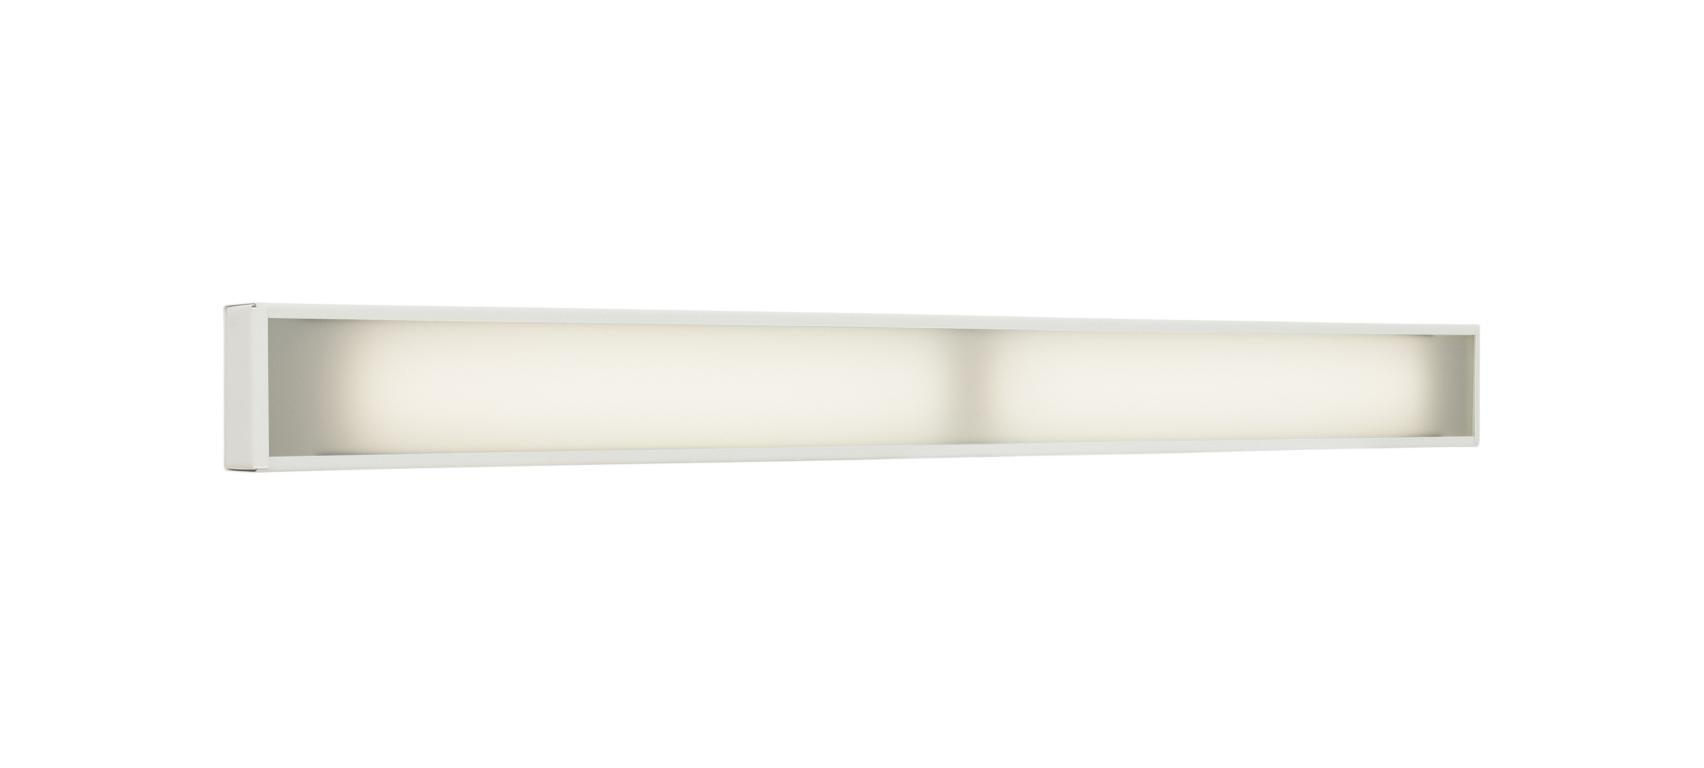 Офисный светодиодный светильник LedNik ПСО 36 R42 IP20 1200